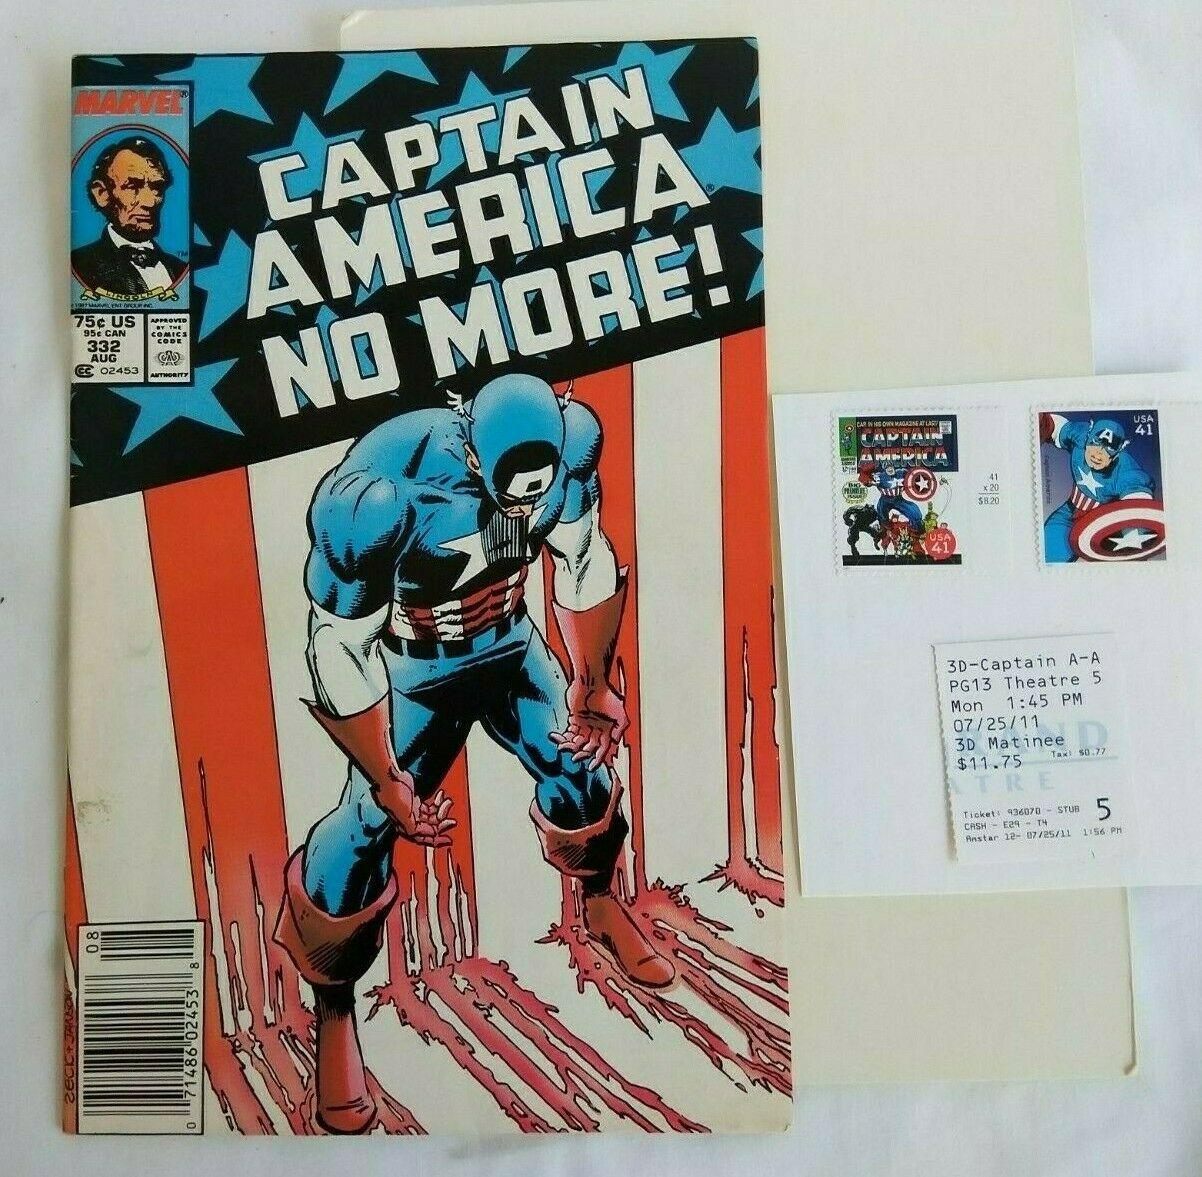 Captain America No More 332 Value 4 95 29 99 Mavin